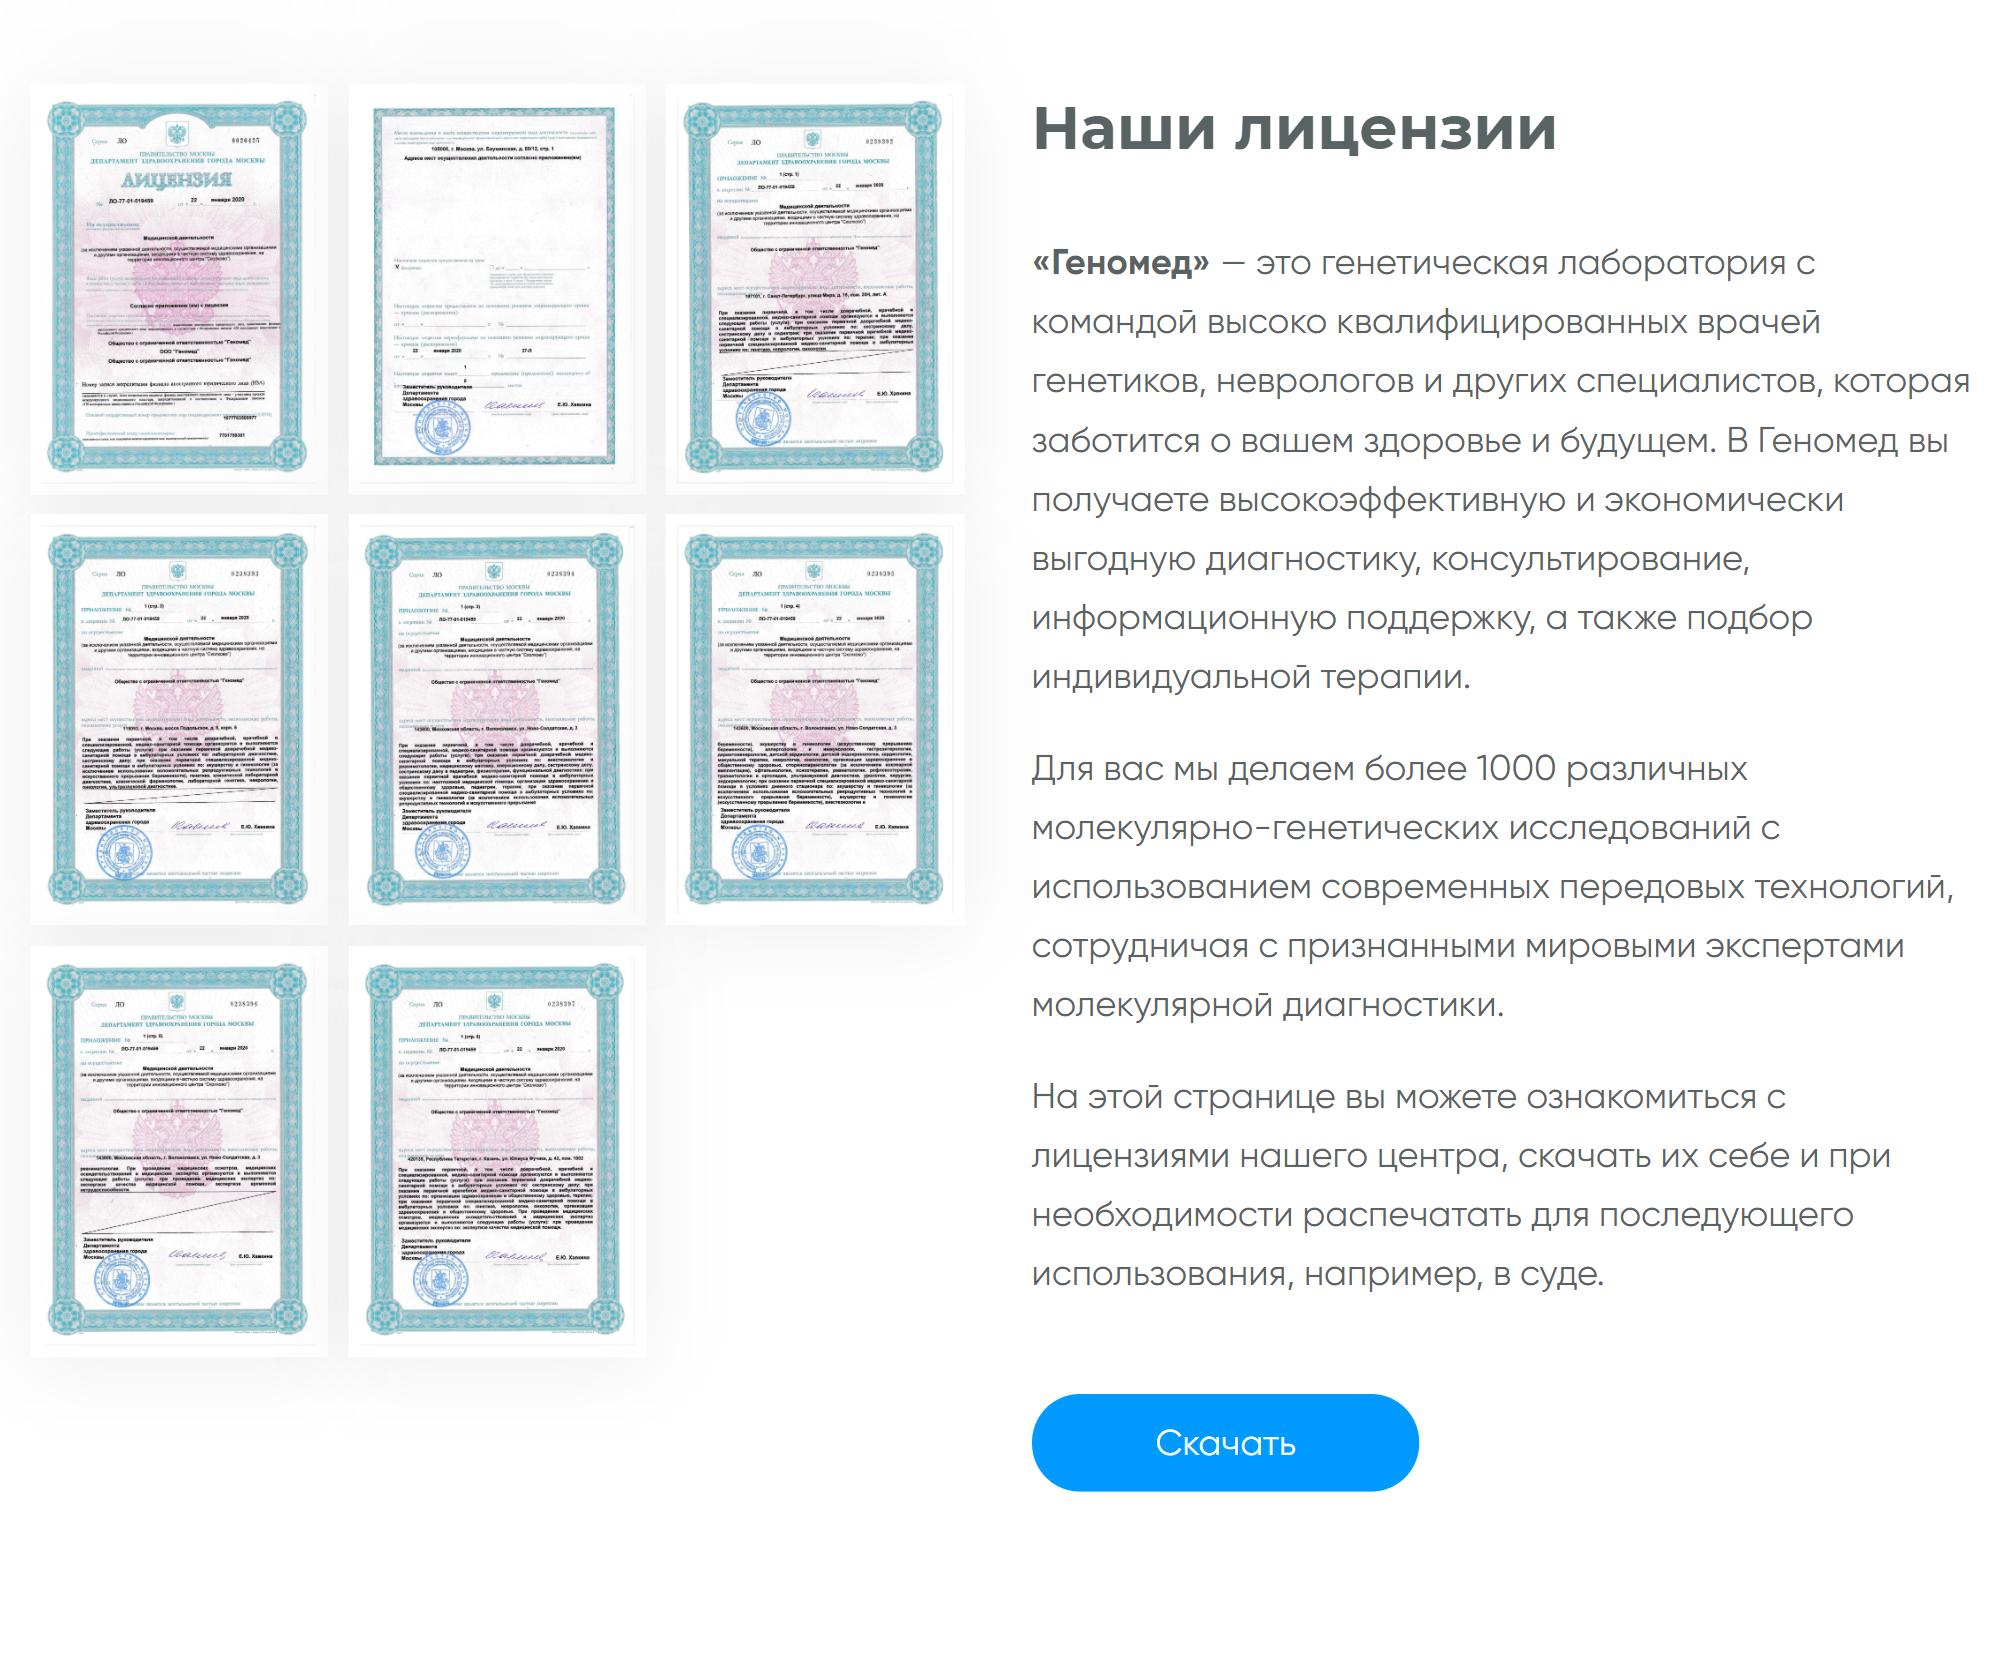 А на сайте «Геномеда» можно скачать копии лицензий. Главное — проверить, чтобы лицензии были актуальными